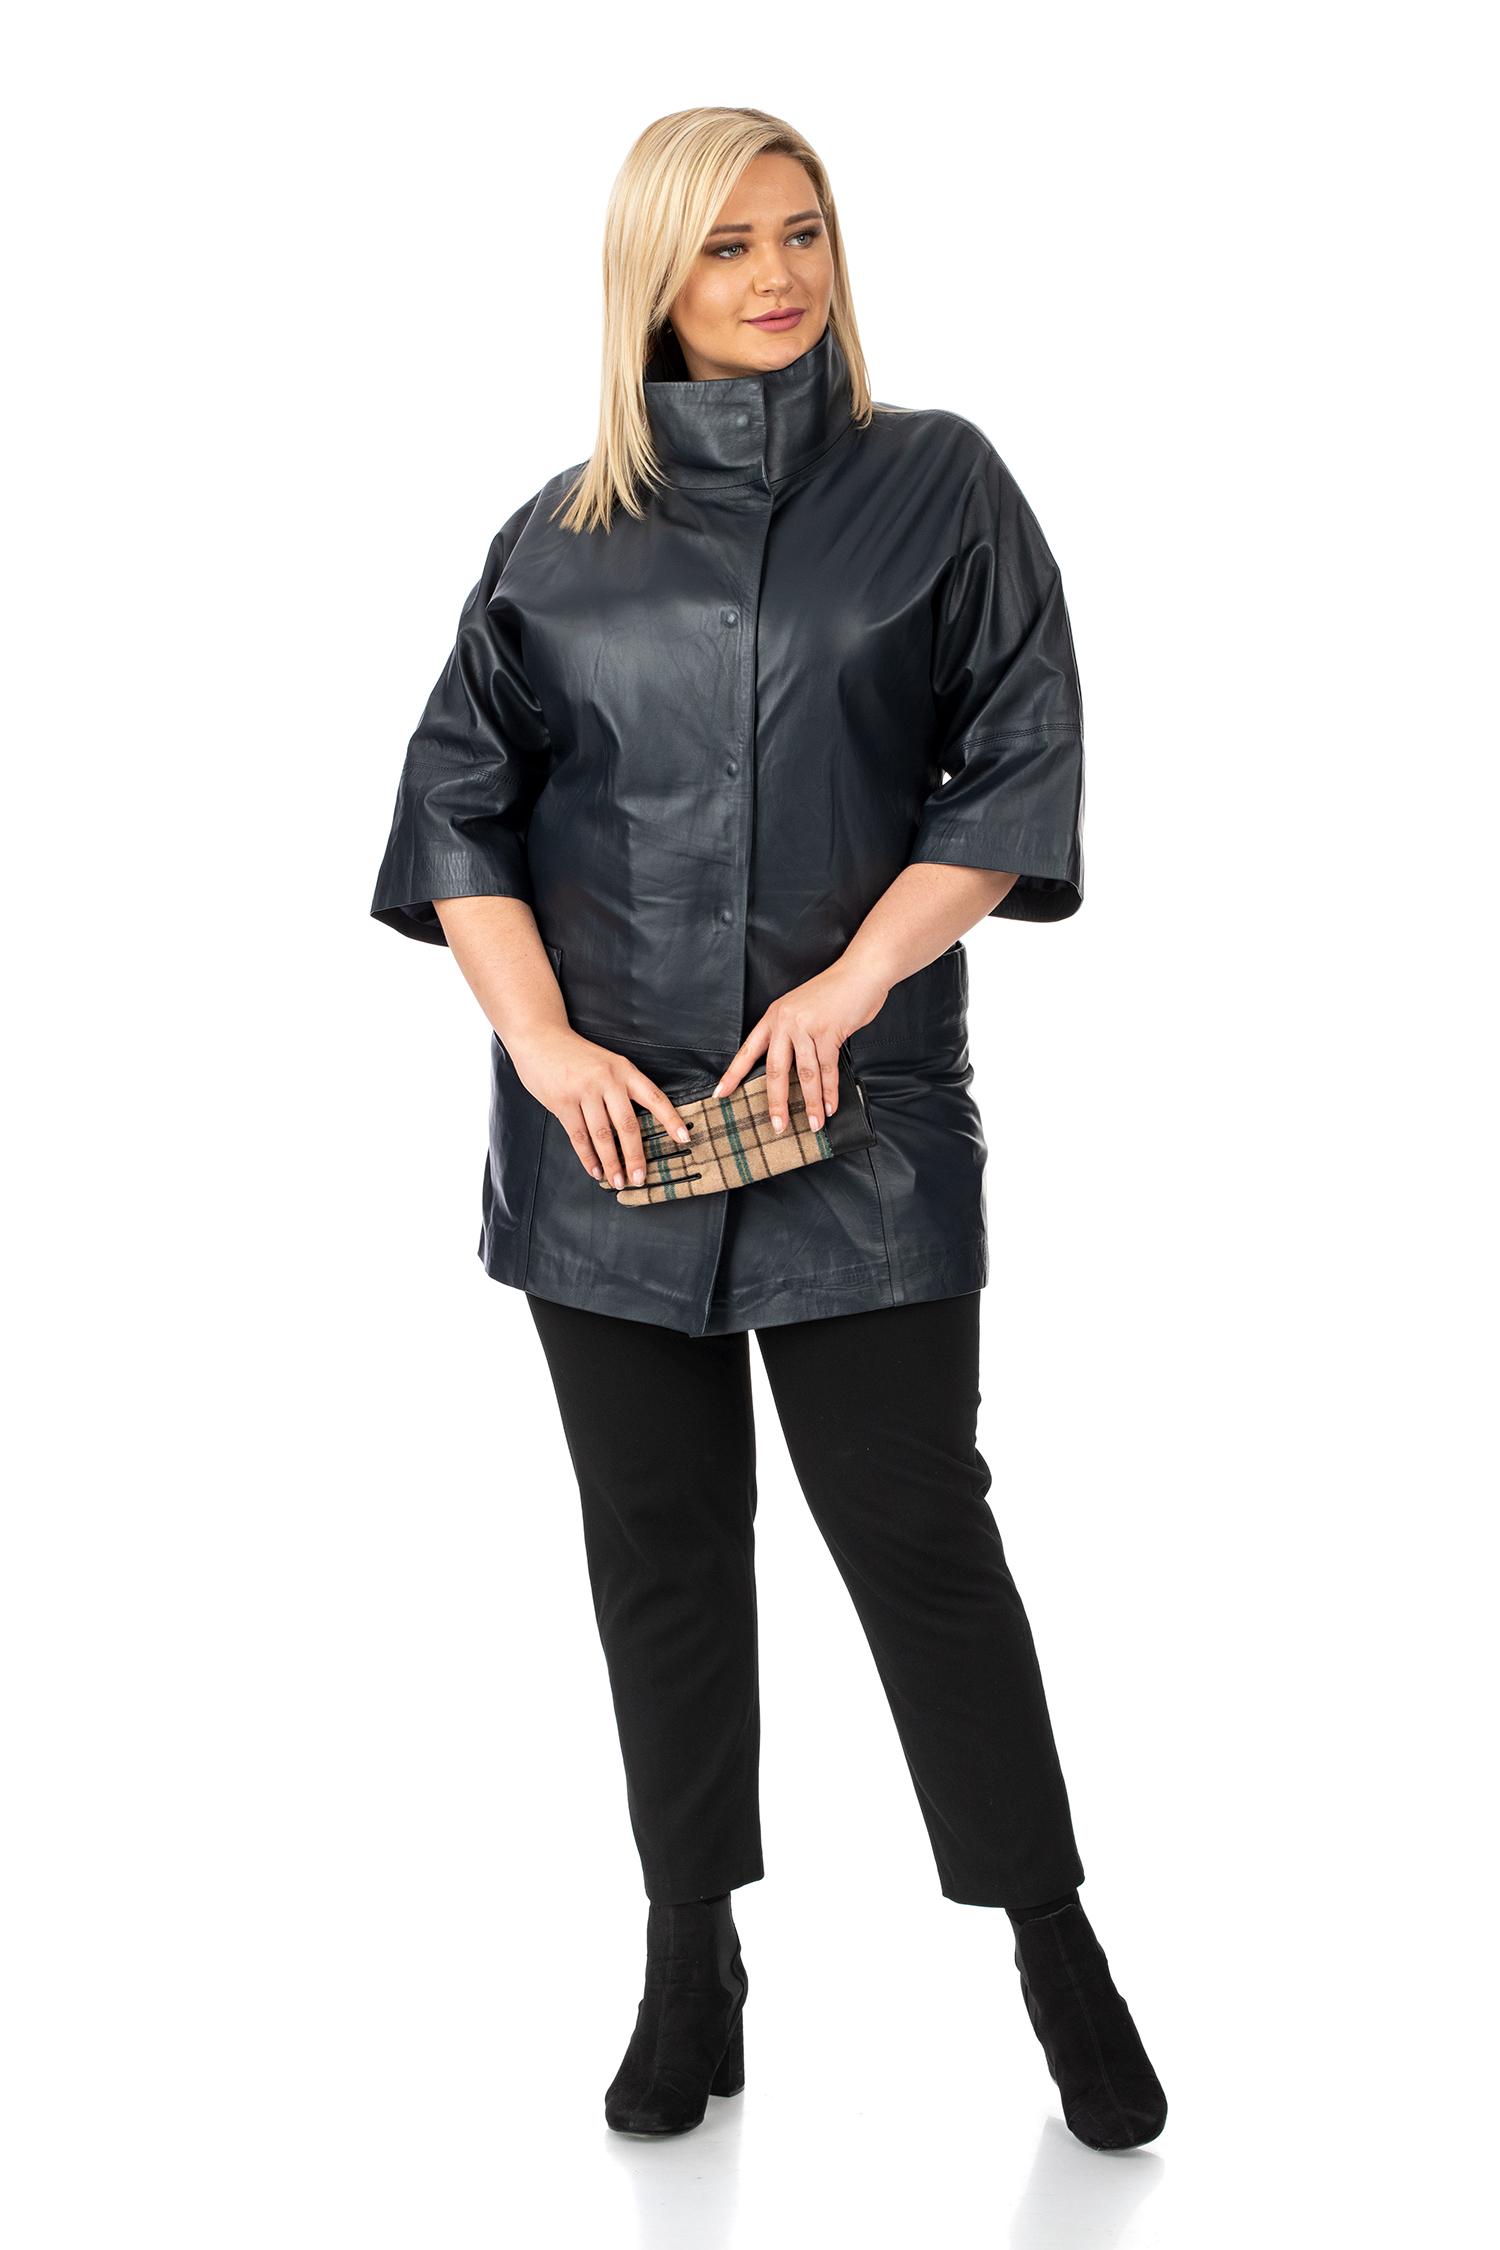 Фото 2 - Женское кожаное пальто из натуральной кожи с воротником от МОСМЕХА синего цвета